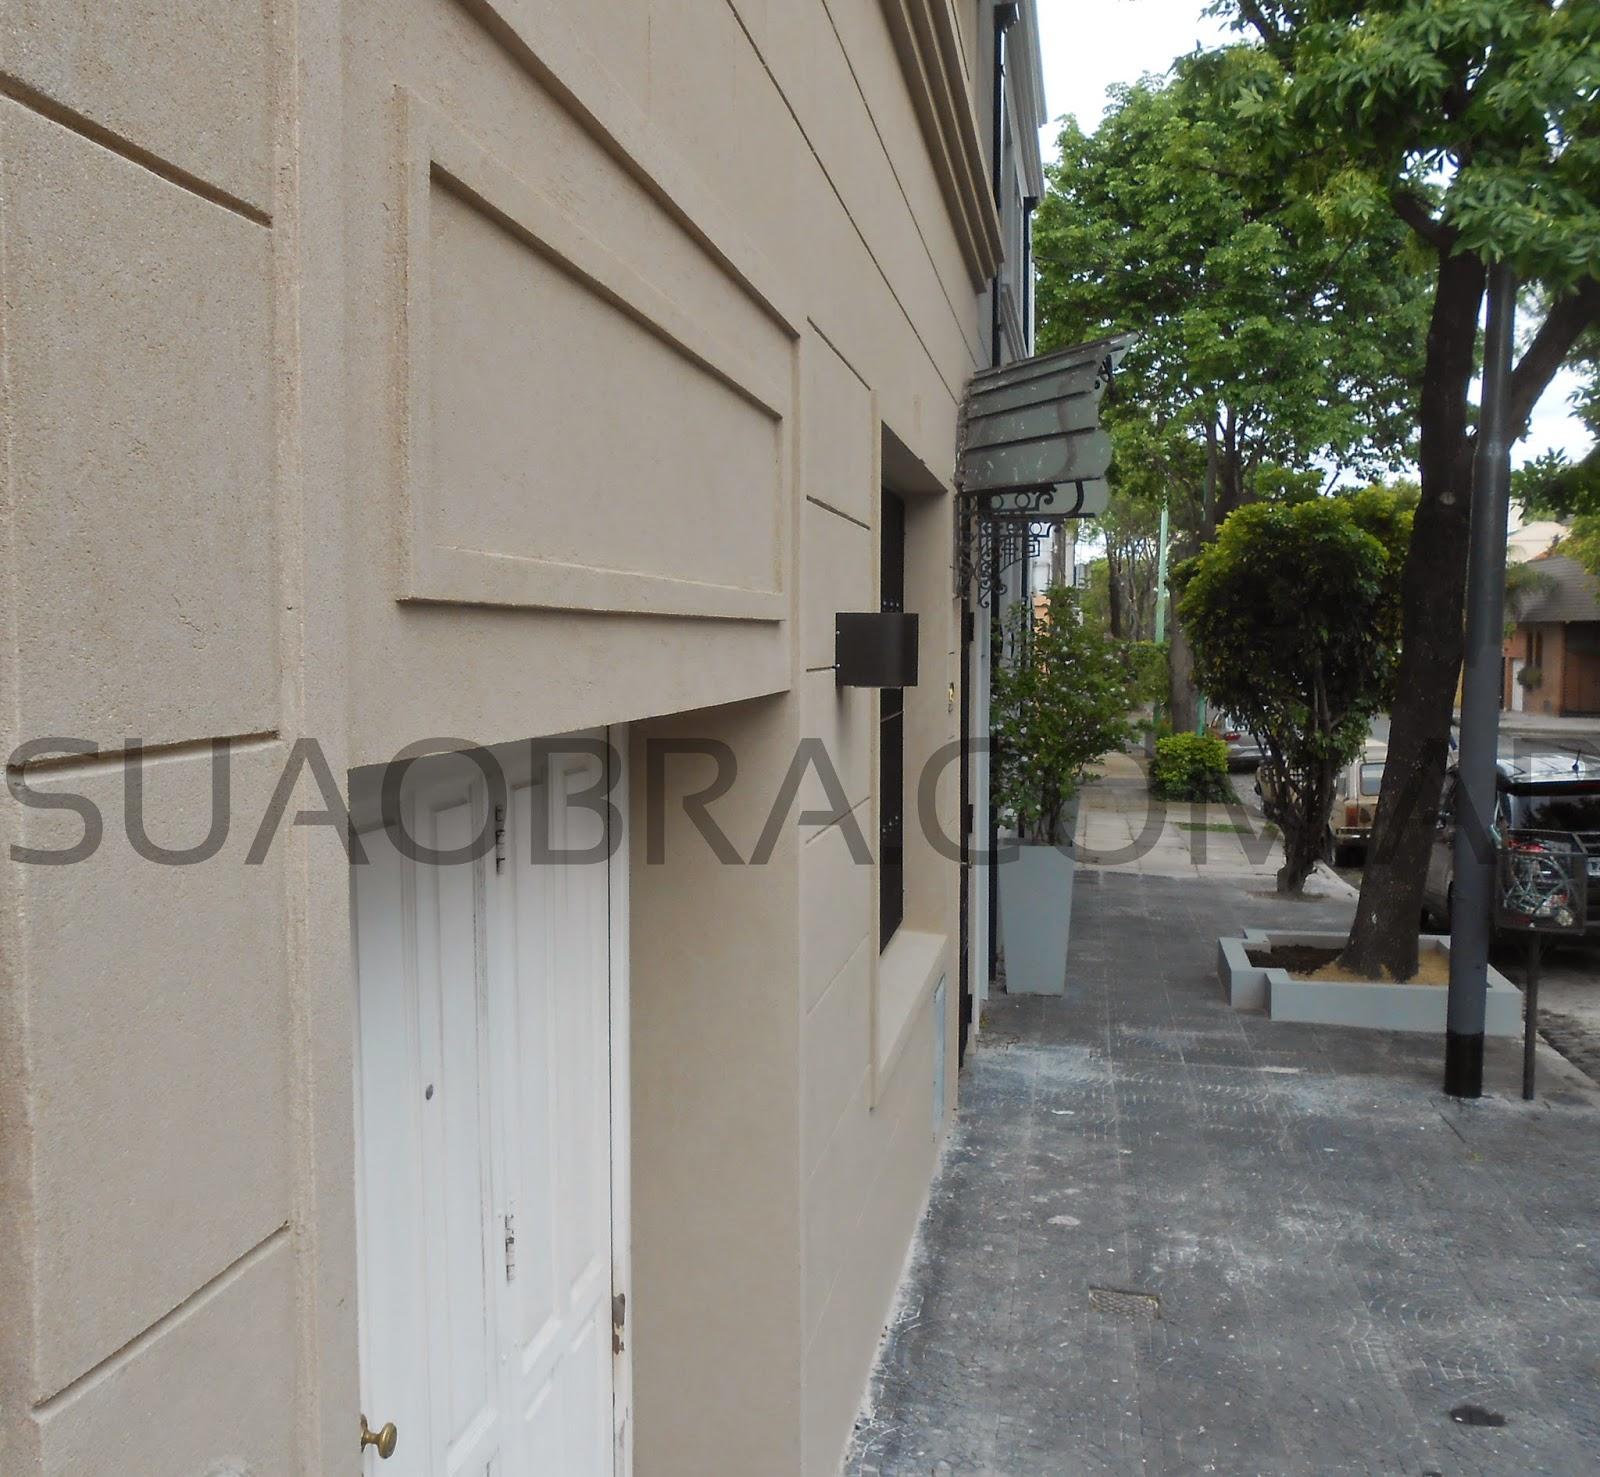 Tarquini revestimiento de paredes exteriores aplicacion - Revestimiento de fachadas exteriores ...